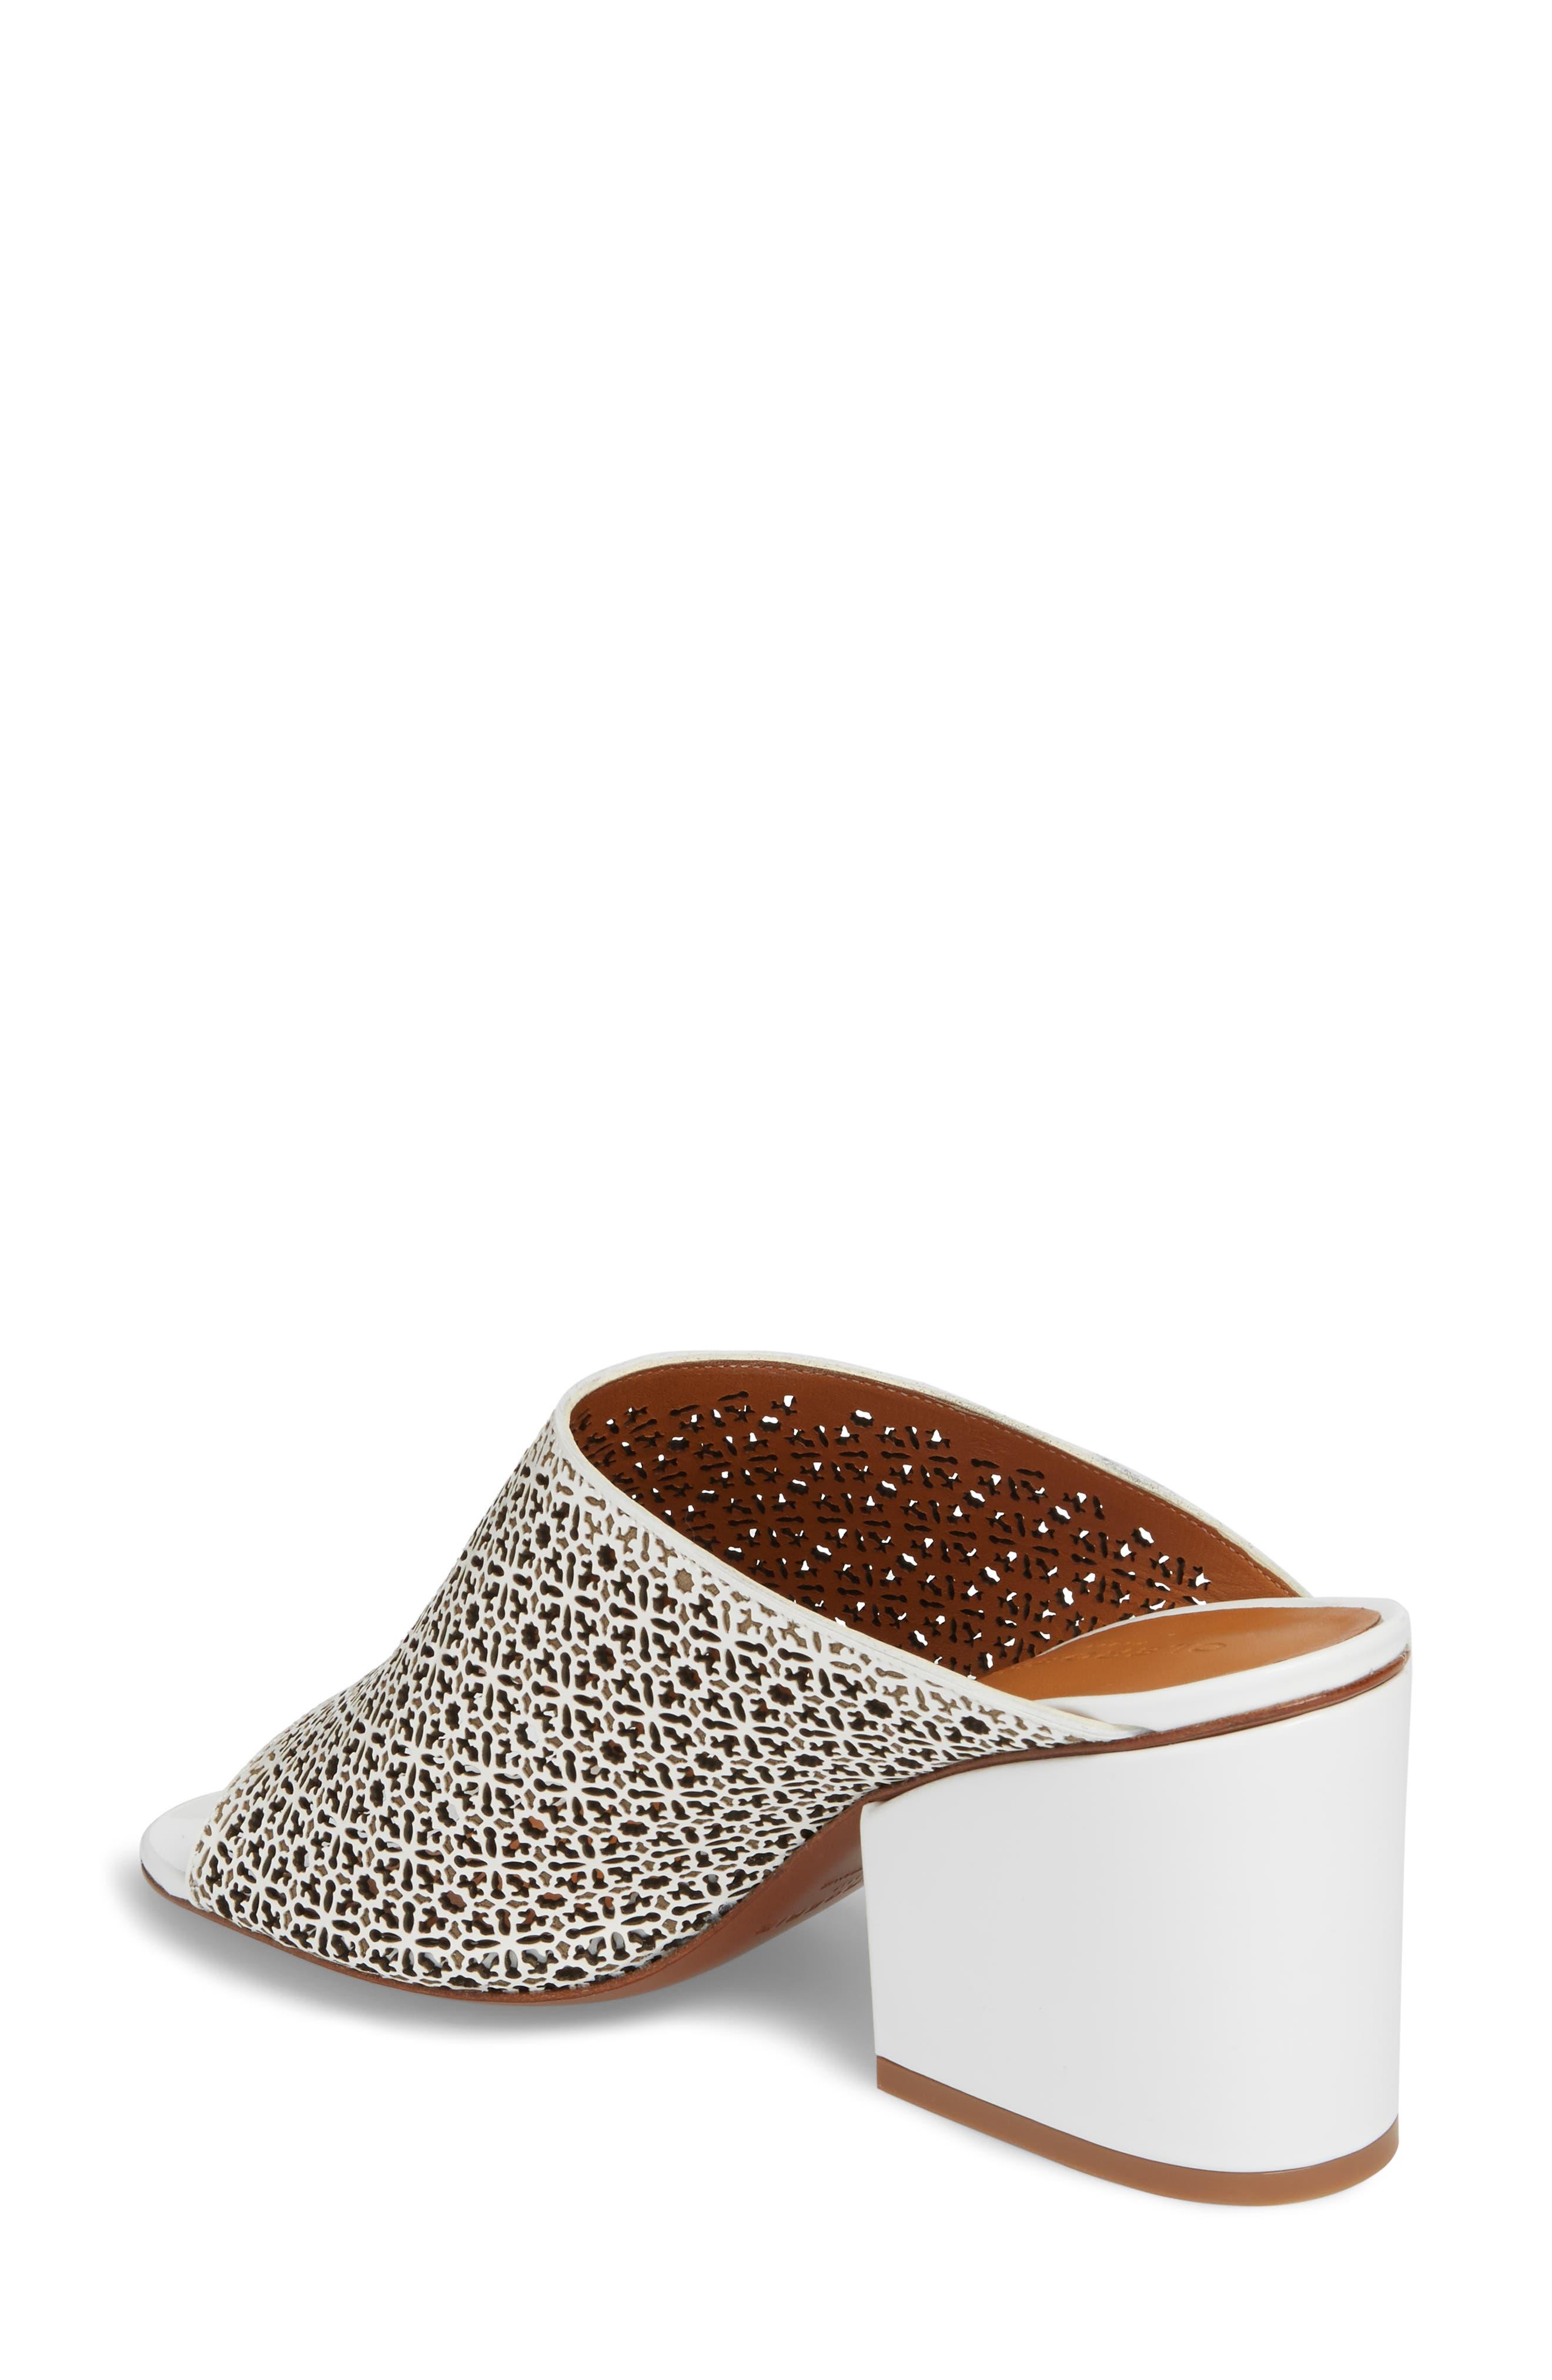 Cara Perforated Sandal,                             Alternate thumbnail 2, color,                             109